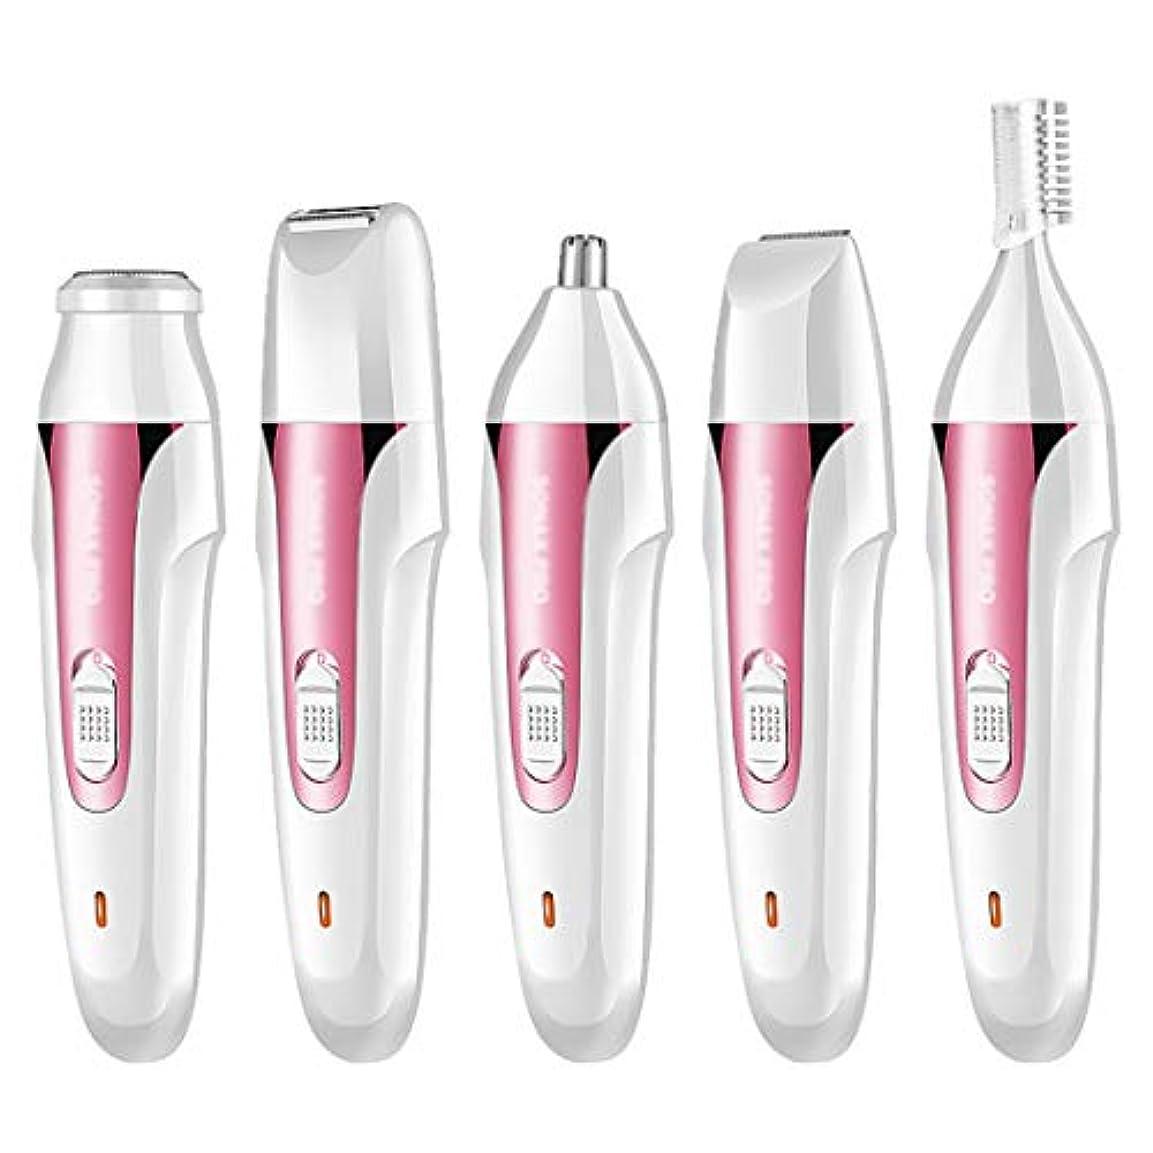 市の花地域の誠実多機能シェーバー充電式女性脱毛器具電気ヘアスクレーパー洗浄眉毛ナイフ,Pink